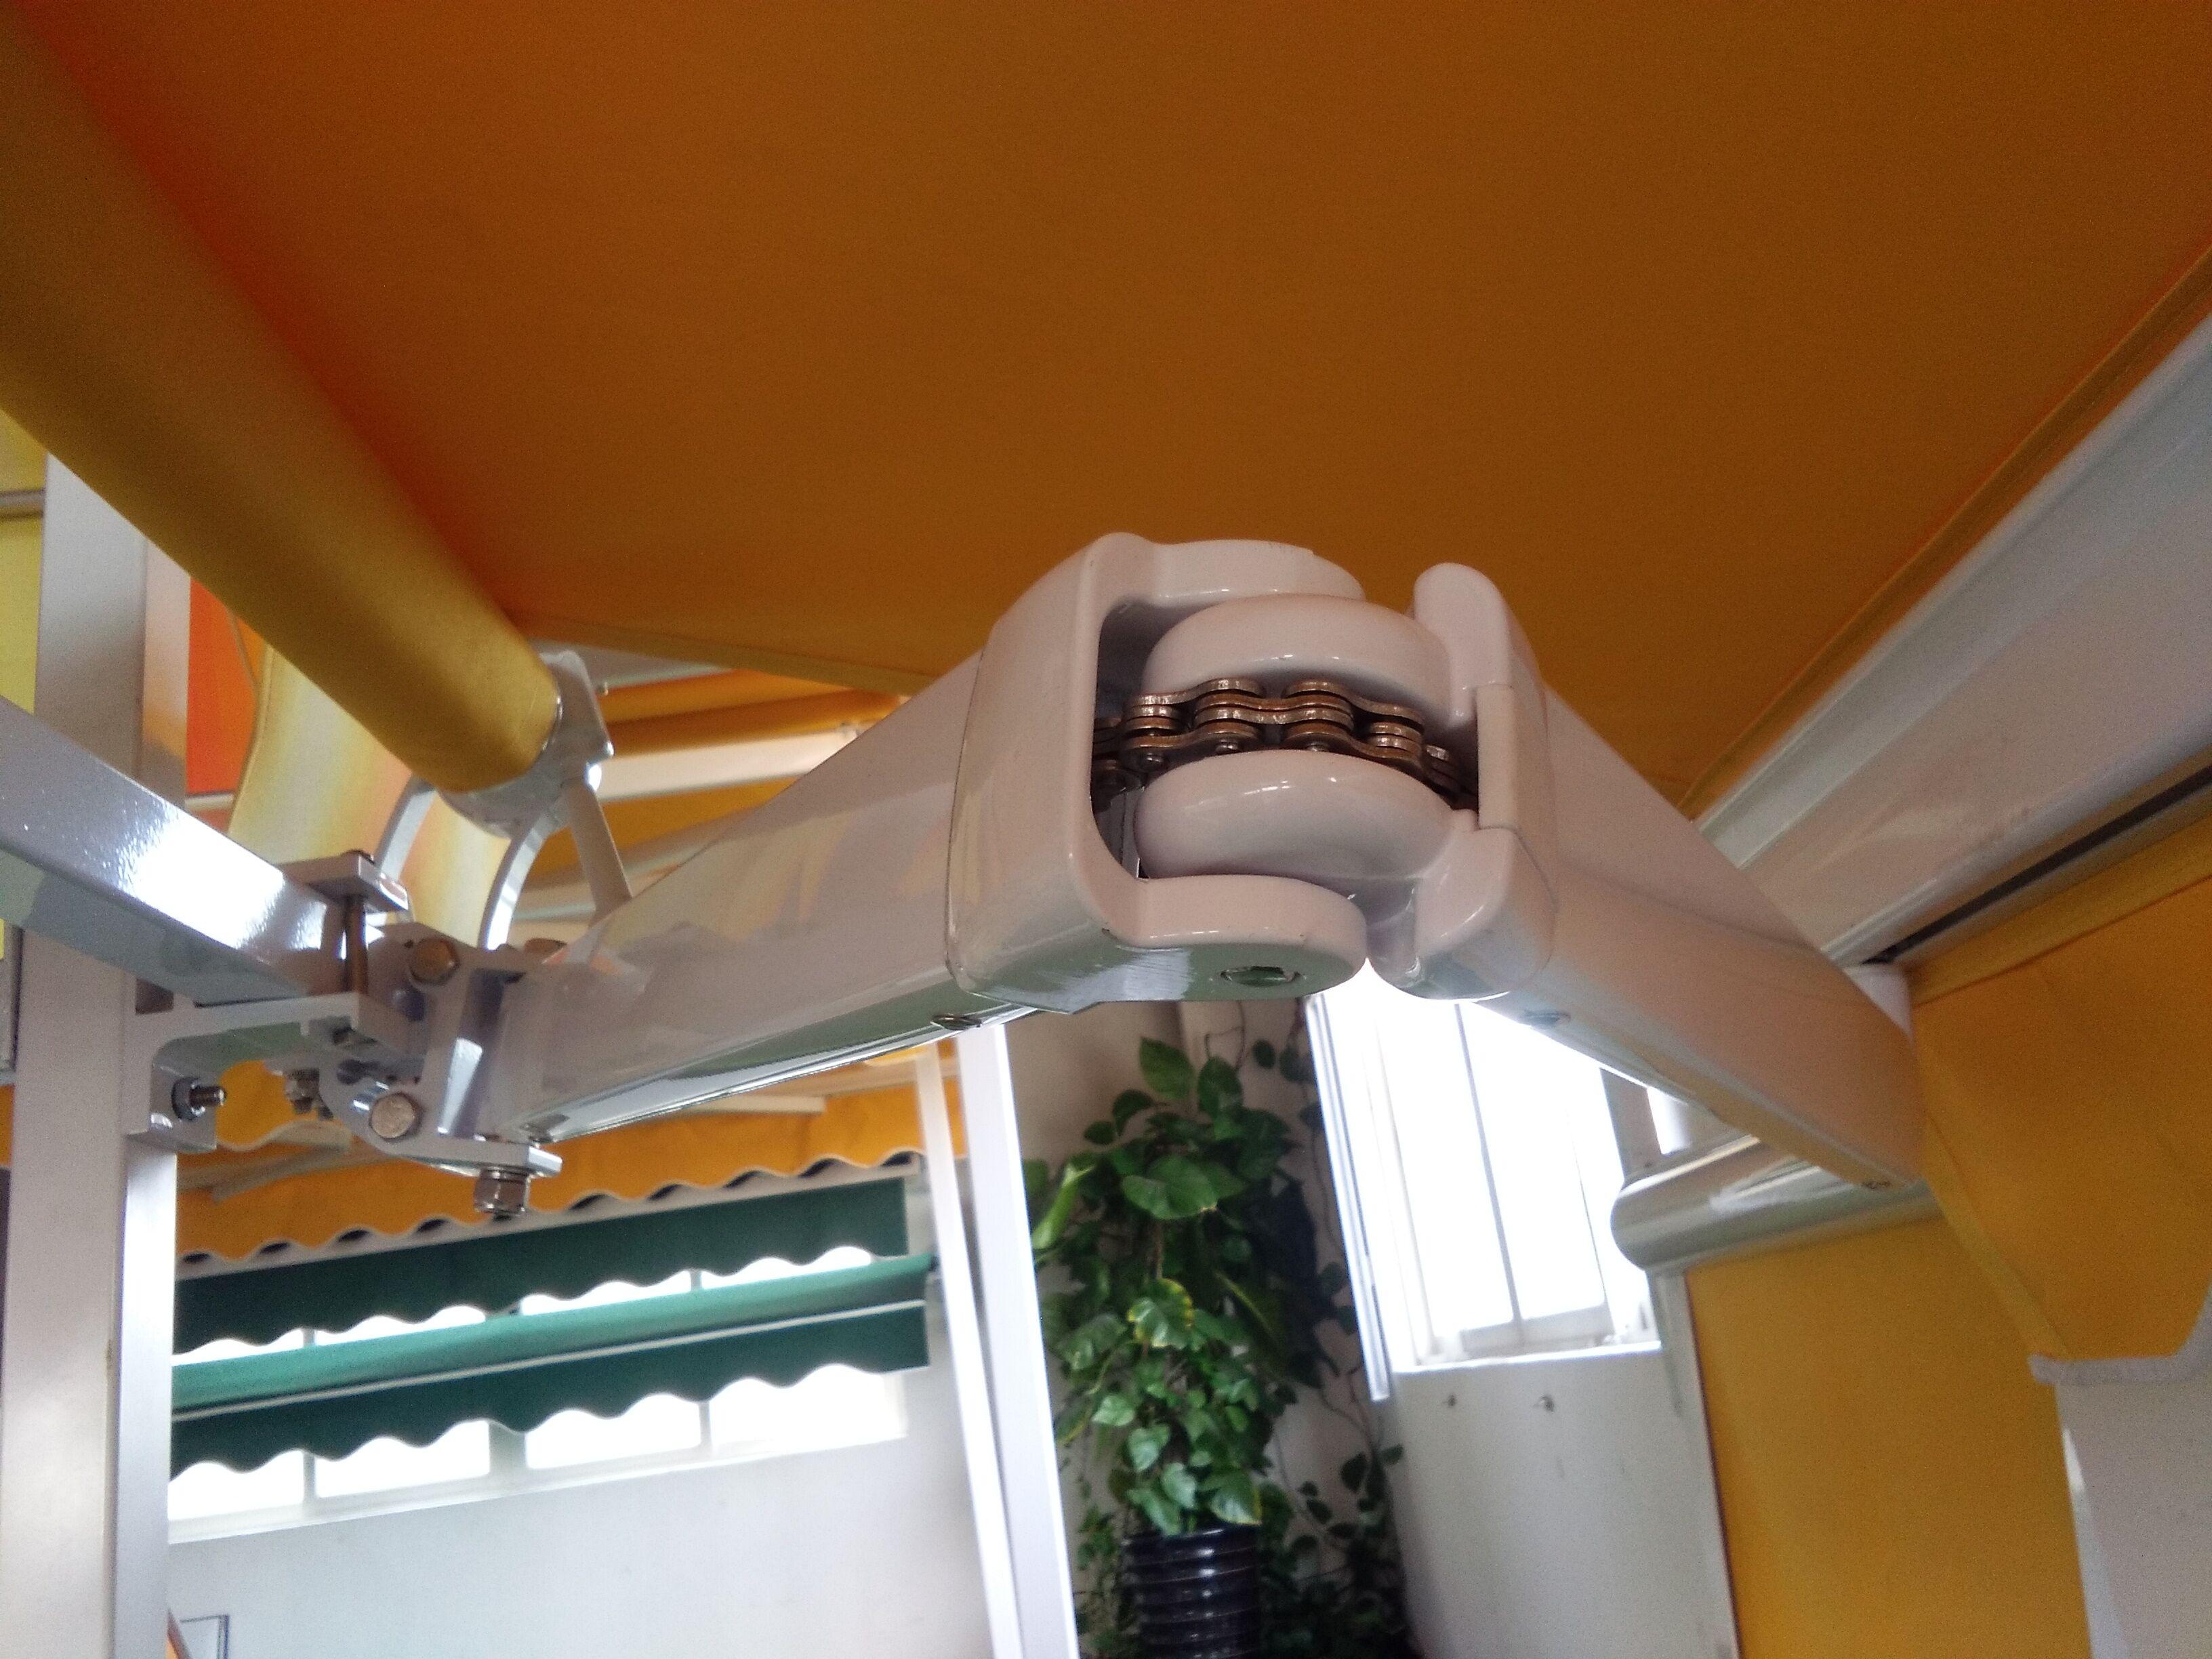 定制遮阳棚伸缩雨棚户外电动折叠帐篷手摇雨篷链条阳台停车棚